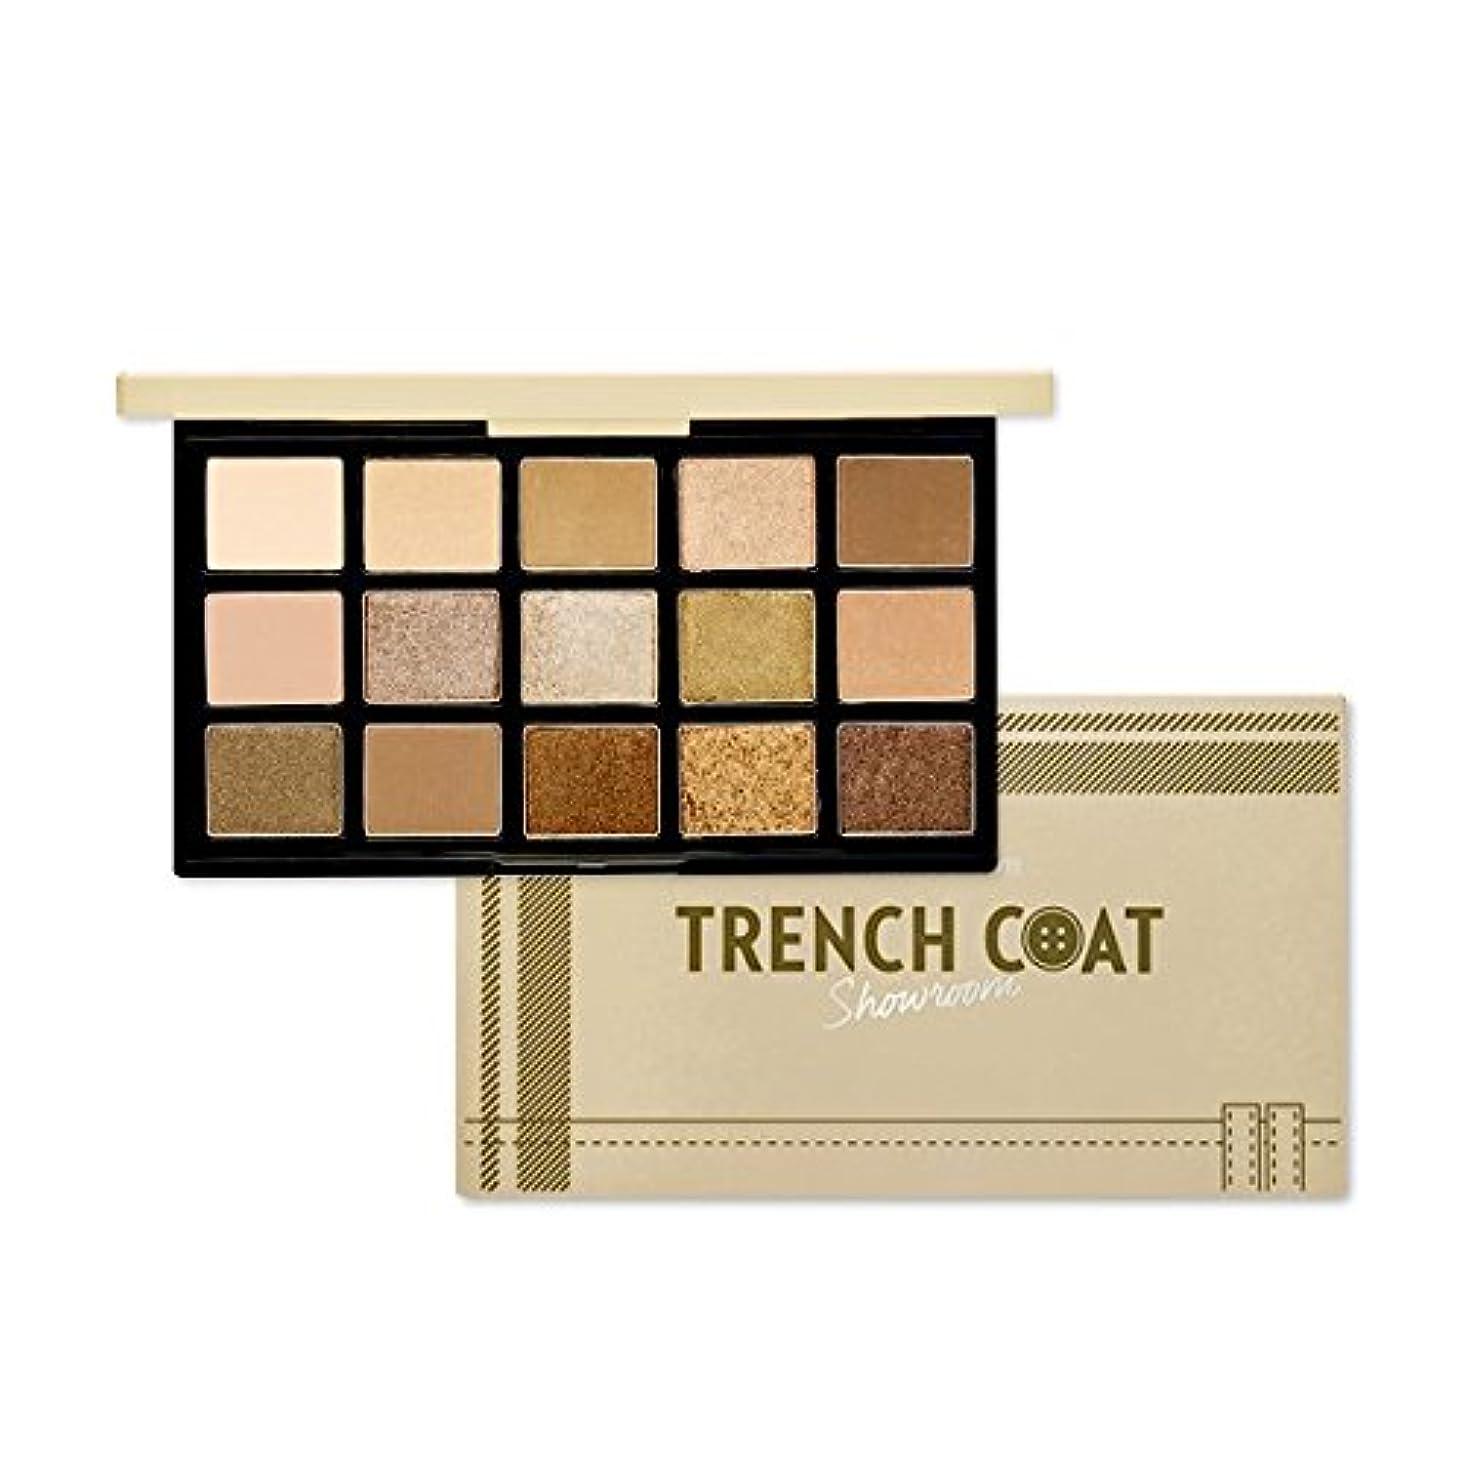 縮約ハーフレンジETUDE HOUSE Play Color Eye Palette - Trench coat Showroom/エチュードハウスプレイカラーアイパレット - トレンチコートショールーム [並行輸入品]